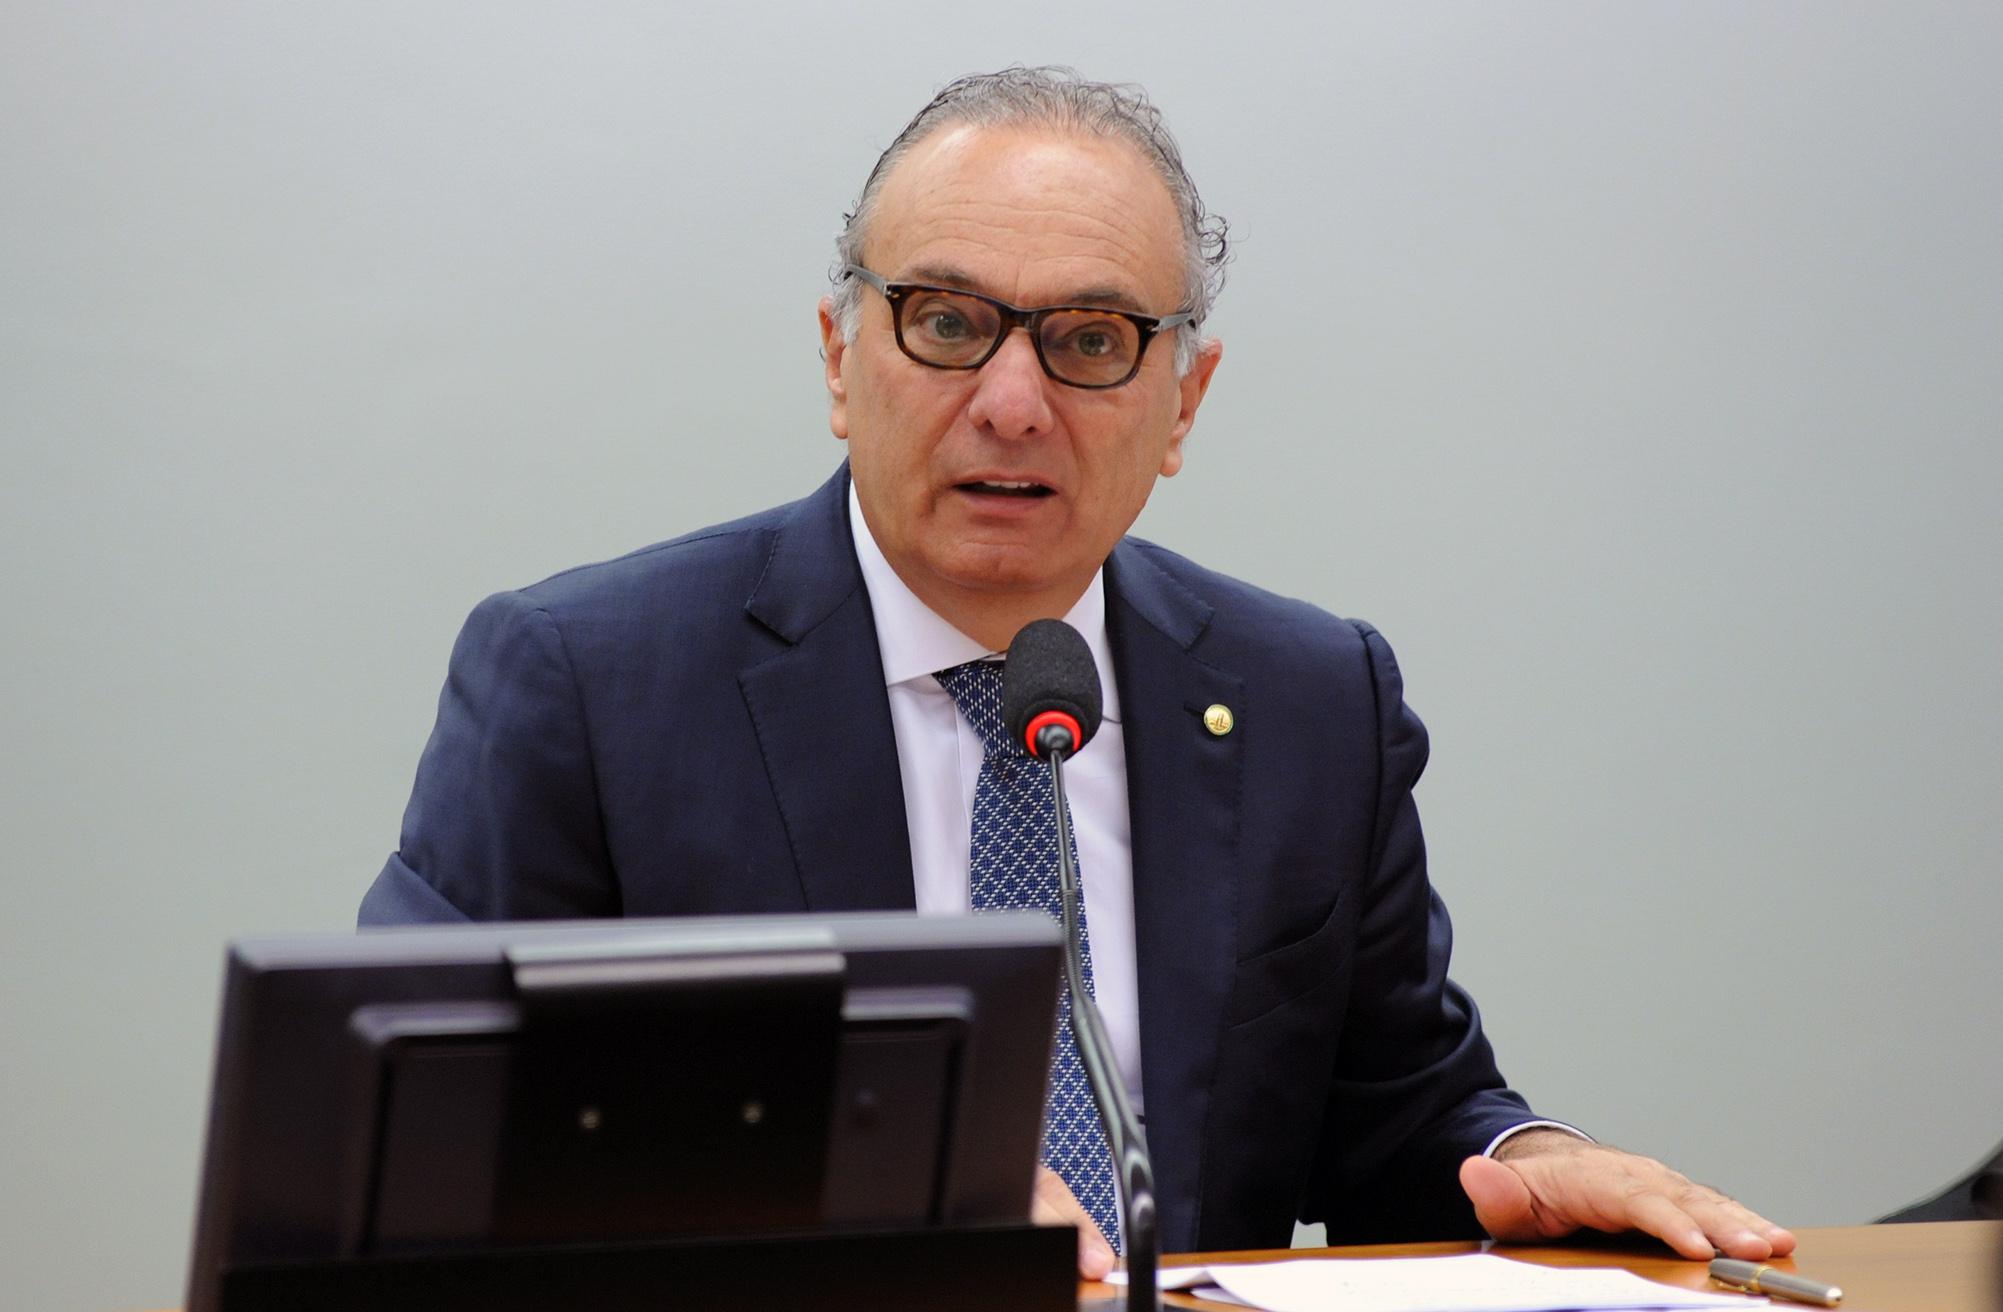 Aposição da fotografia do dep. Ricardo Tripoli na galeria dos ex-presidentes da Comissão